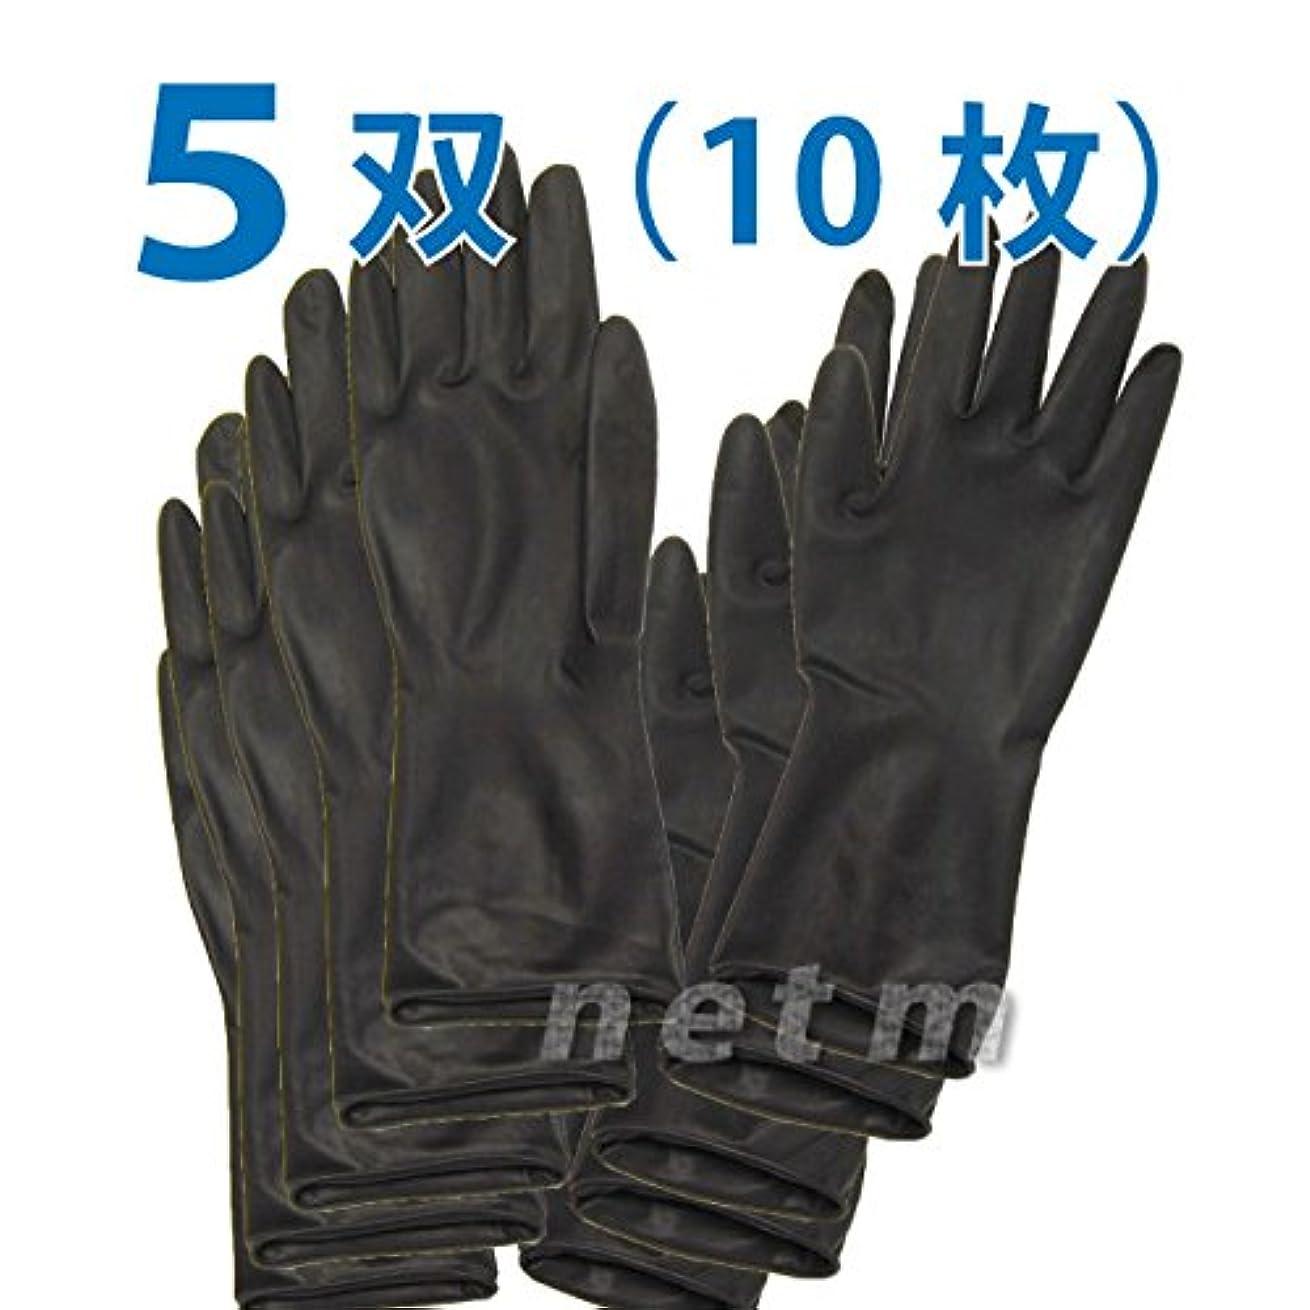 小康外交上オカモト ブラックグローブ ロングタイプ Mサイズ  5双(10枚)